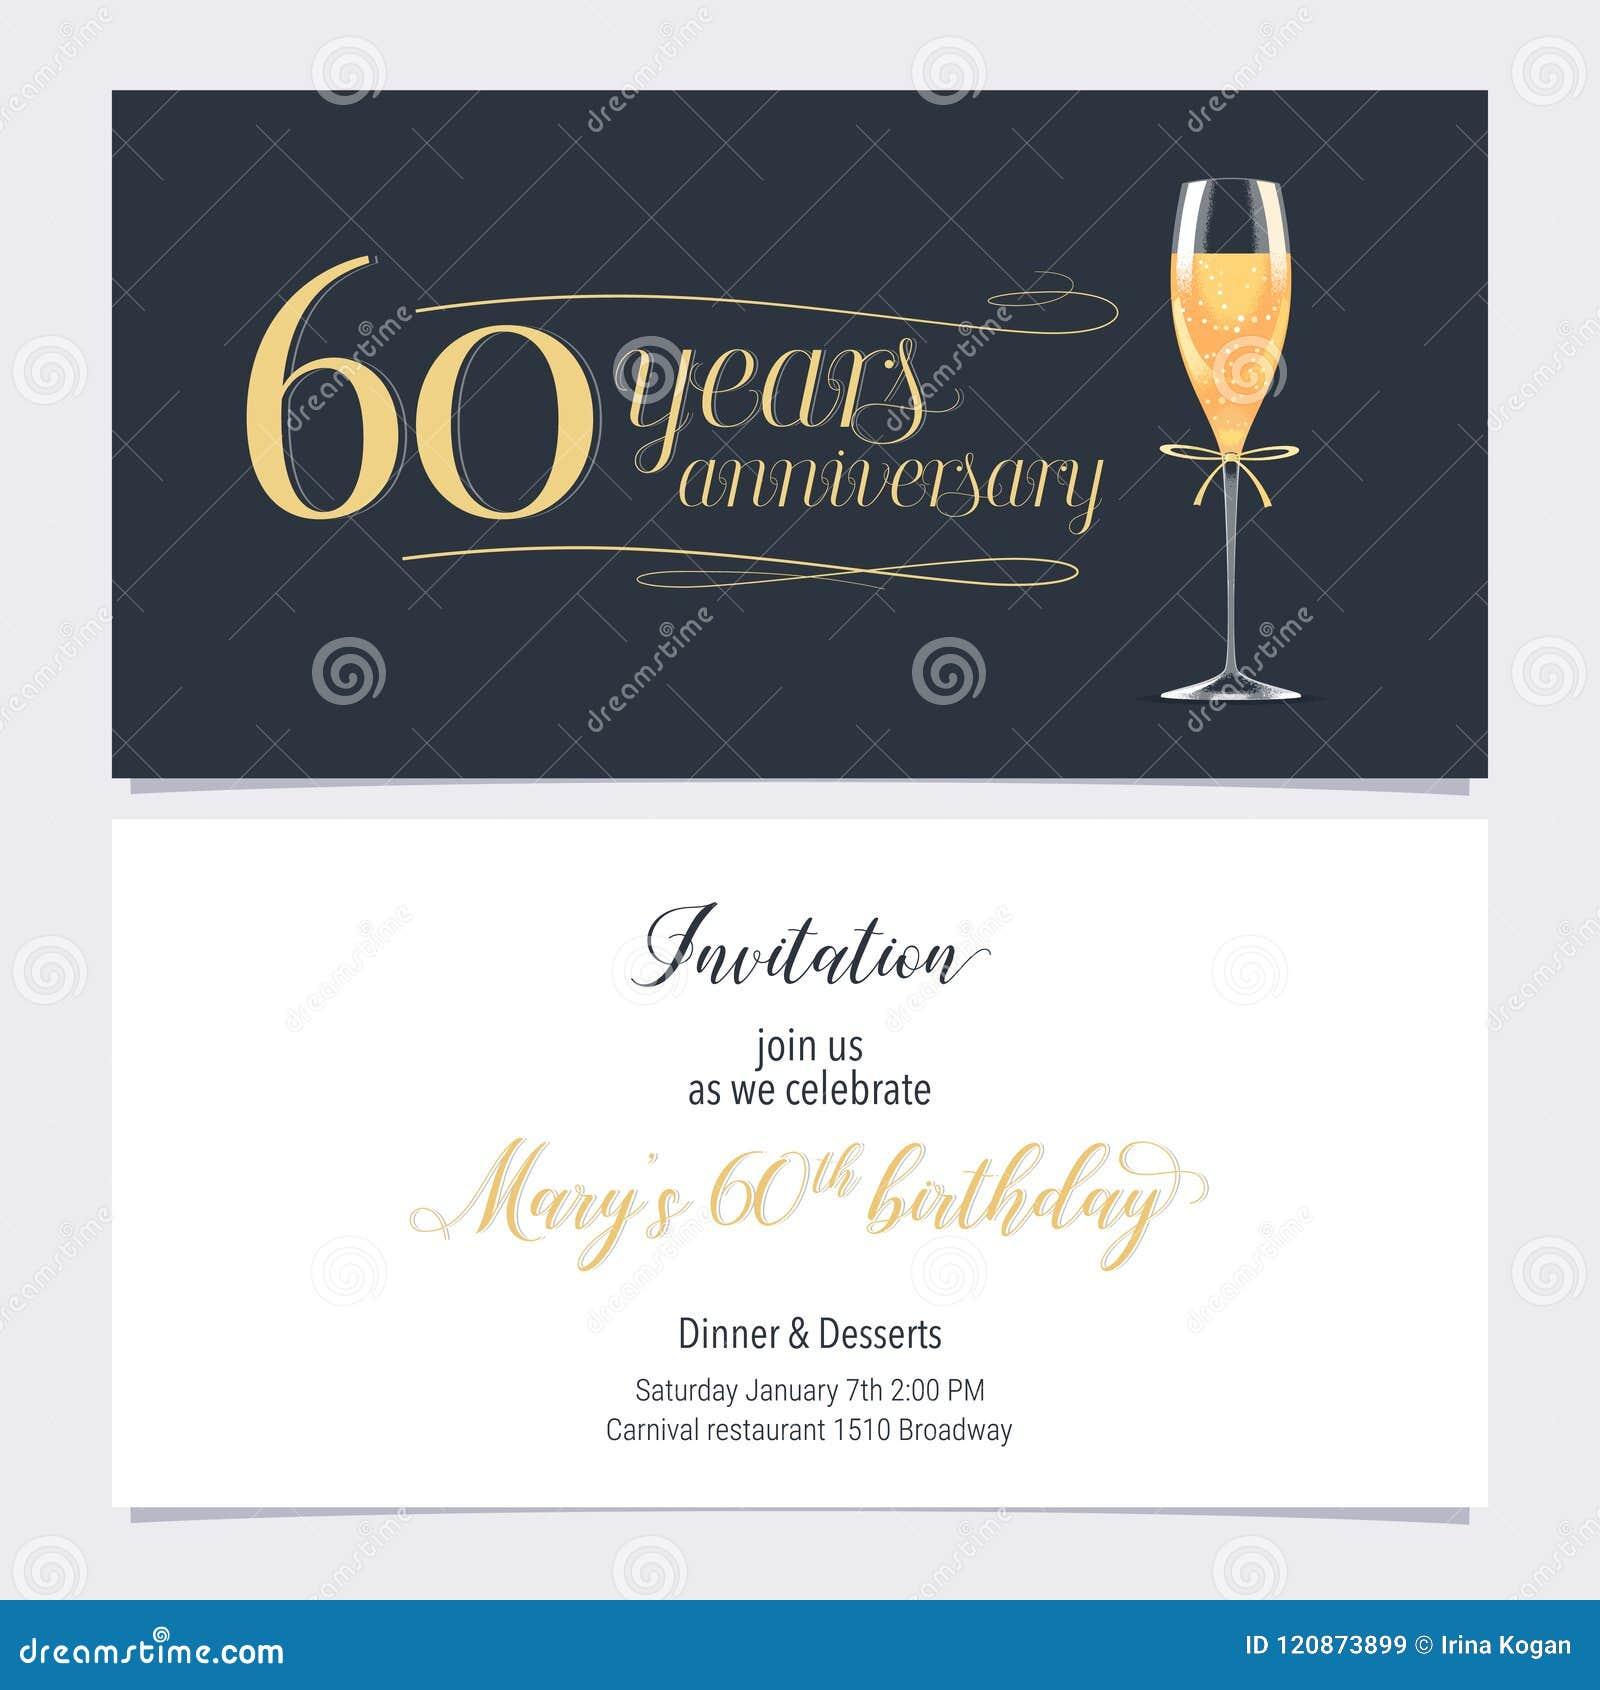 60 Años Del Aniversario De Vector De La Invitación